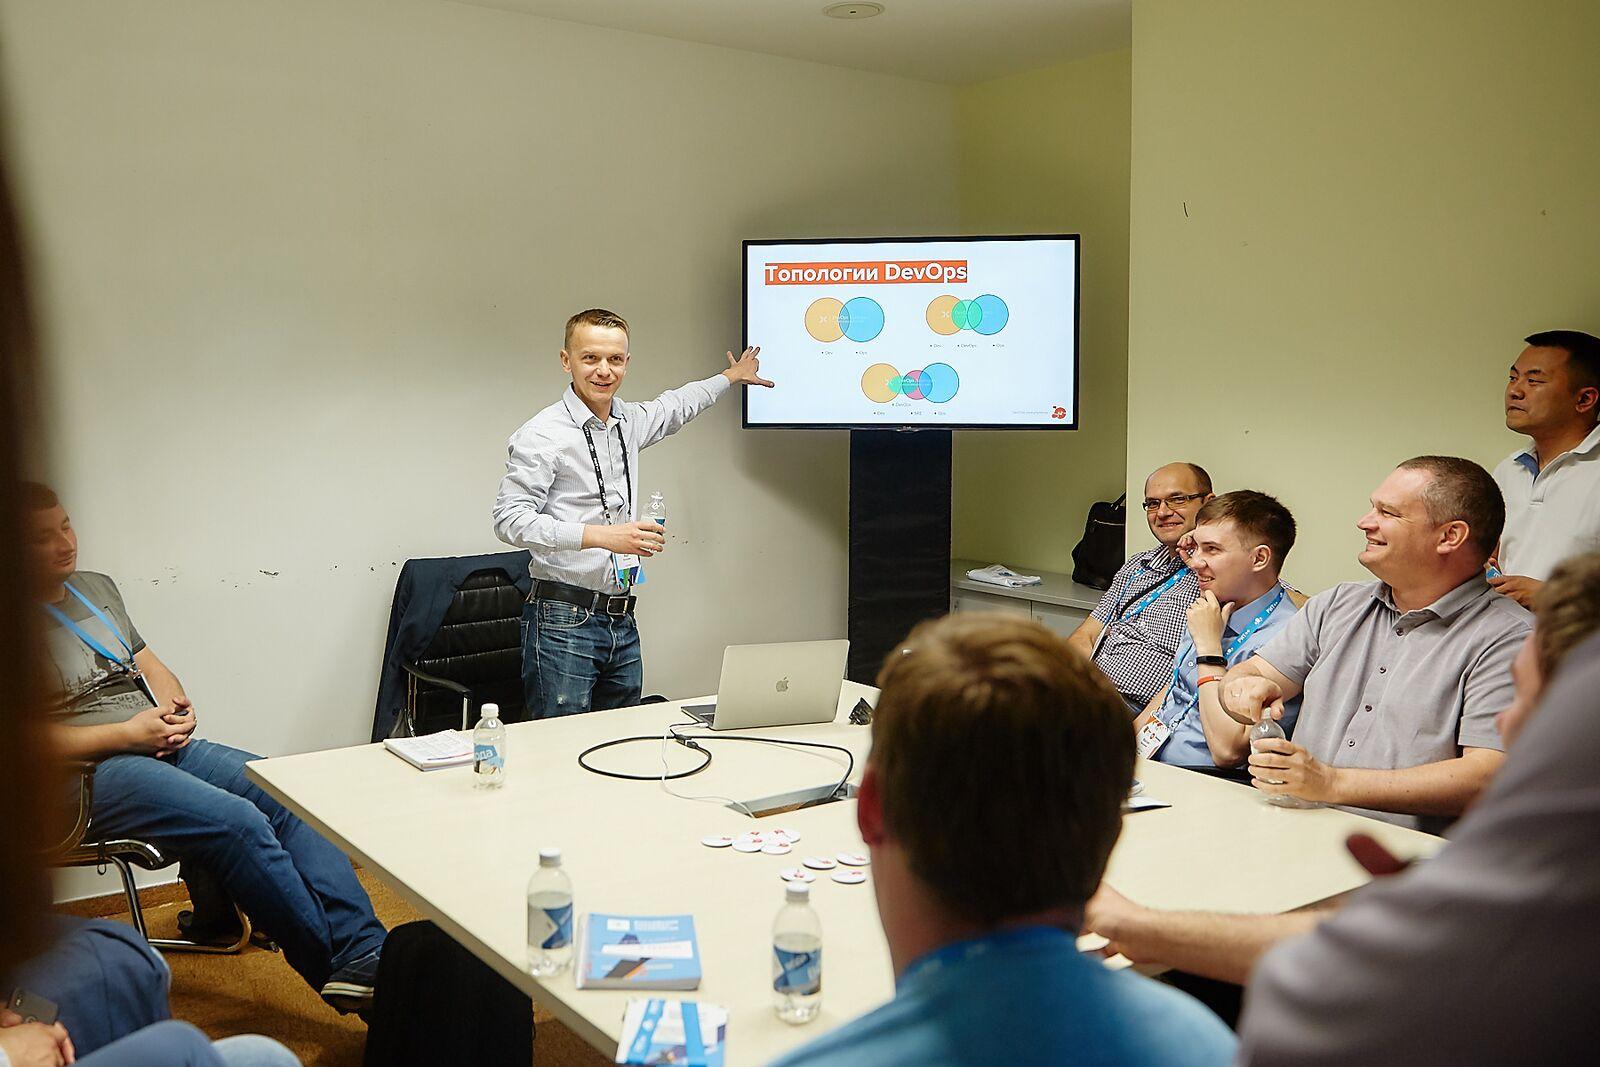 Встречайте DevOpsConf Russia - 4